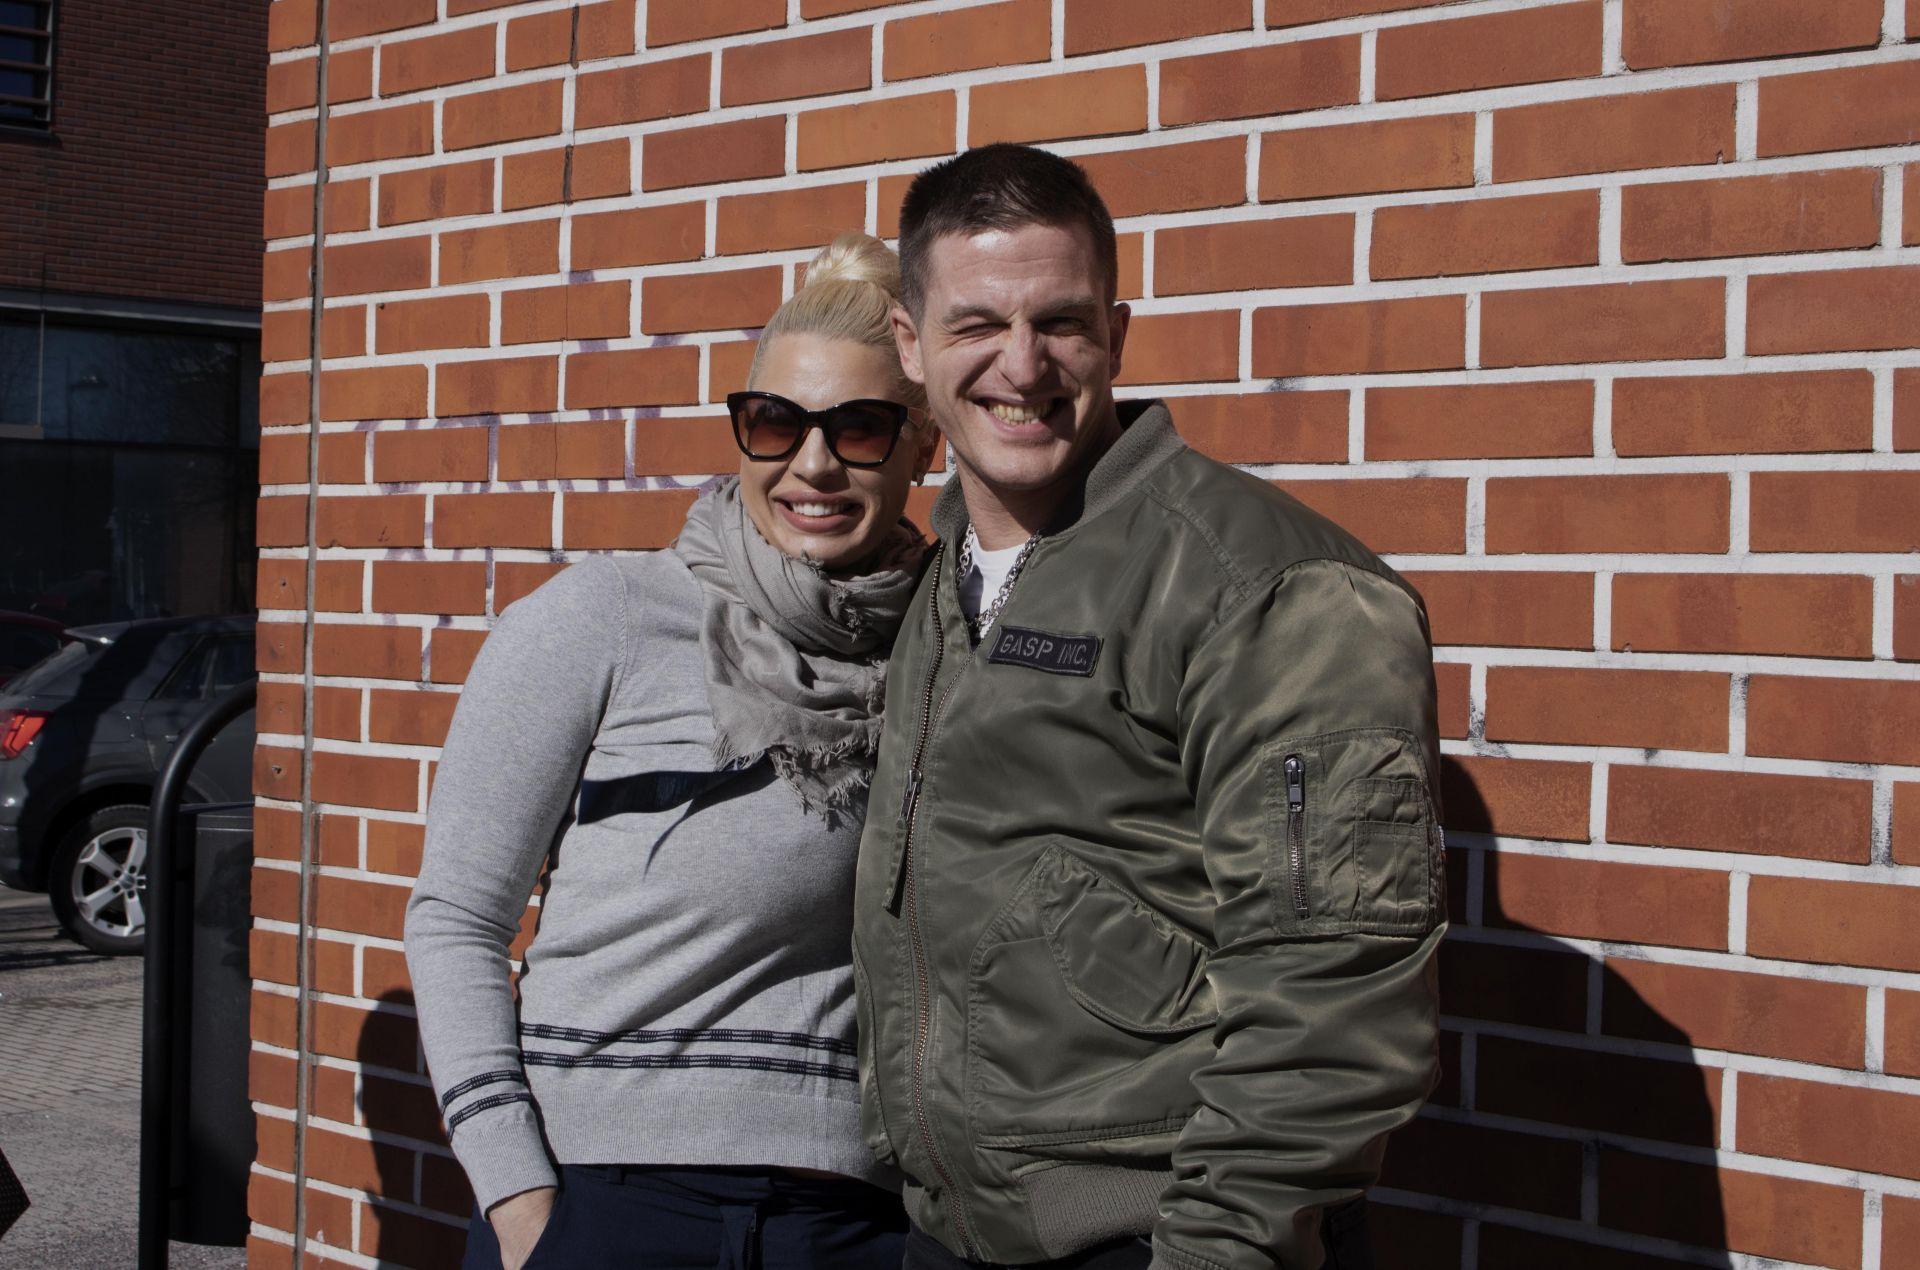 Vilma ja Matti tukevat rikostaustaisia ihmisiä Pyöröovesta ulos -hankkeessa. Heidän avullaan jo yli sata ex-vankia on saanut kodin.